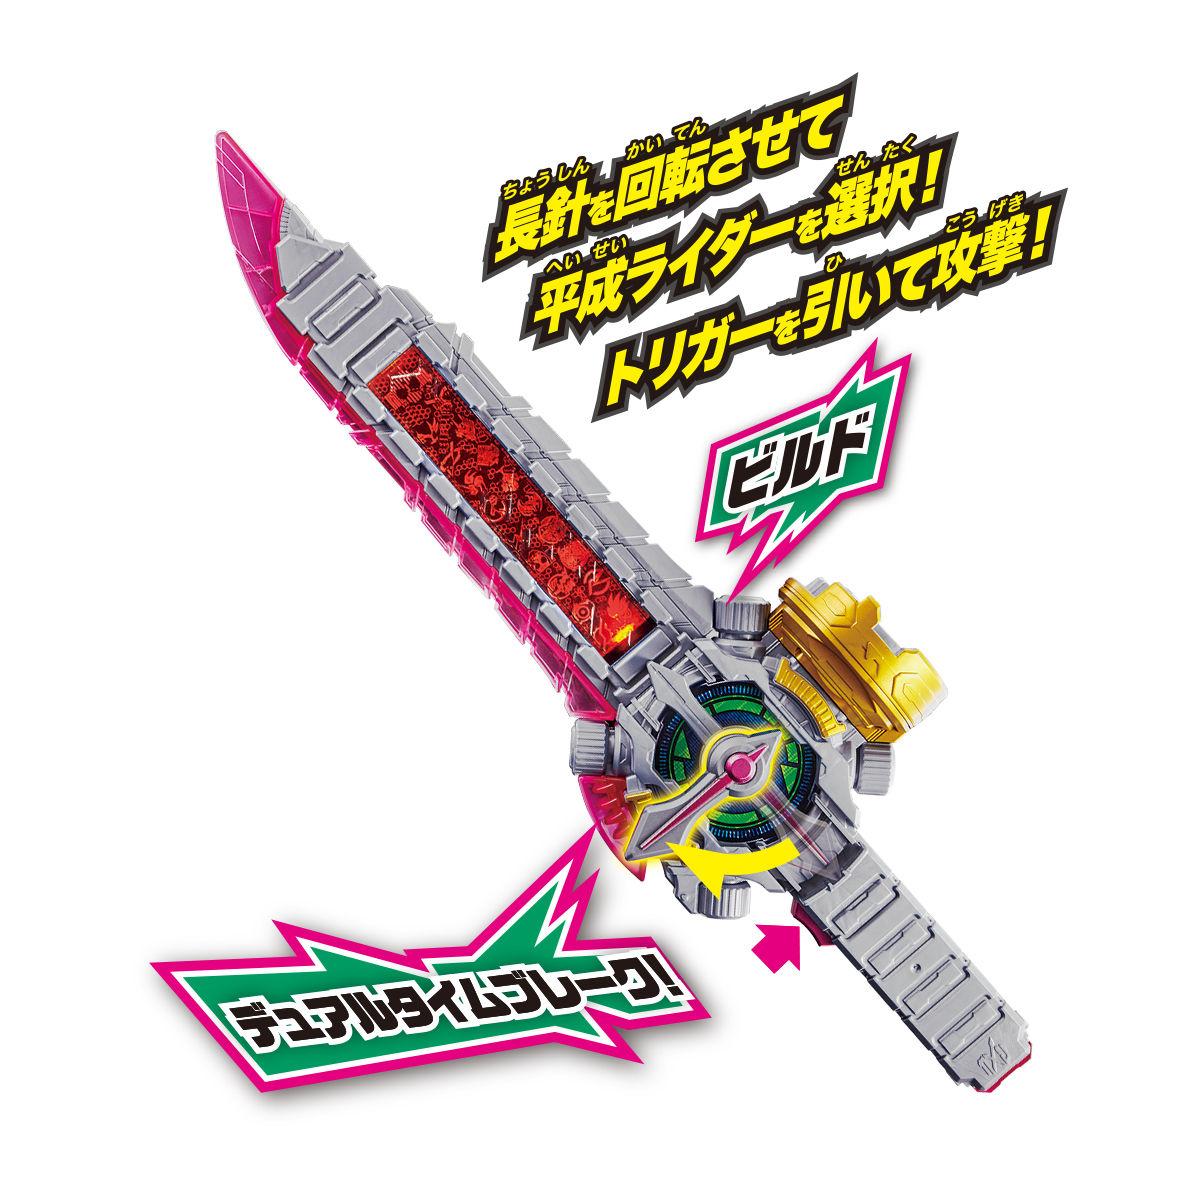 仮面ライダージオウ『超針回転剣 DXライドヘイセイバー』変身なりきり-004